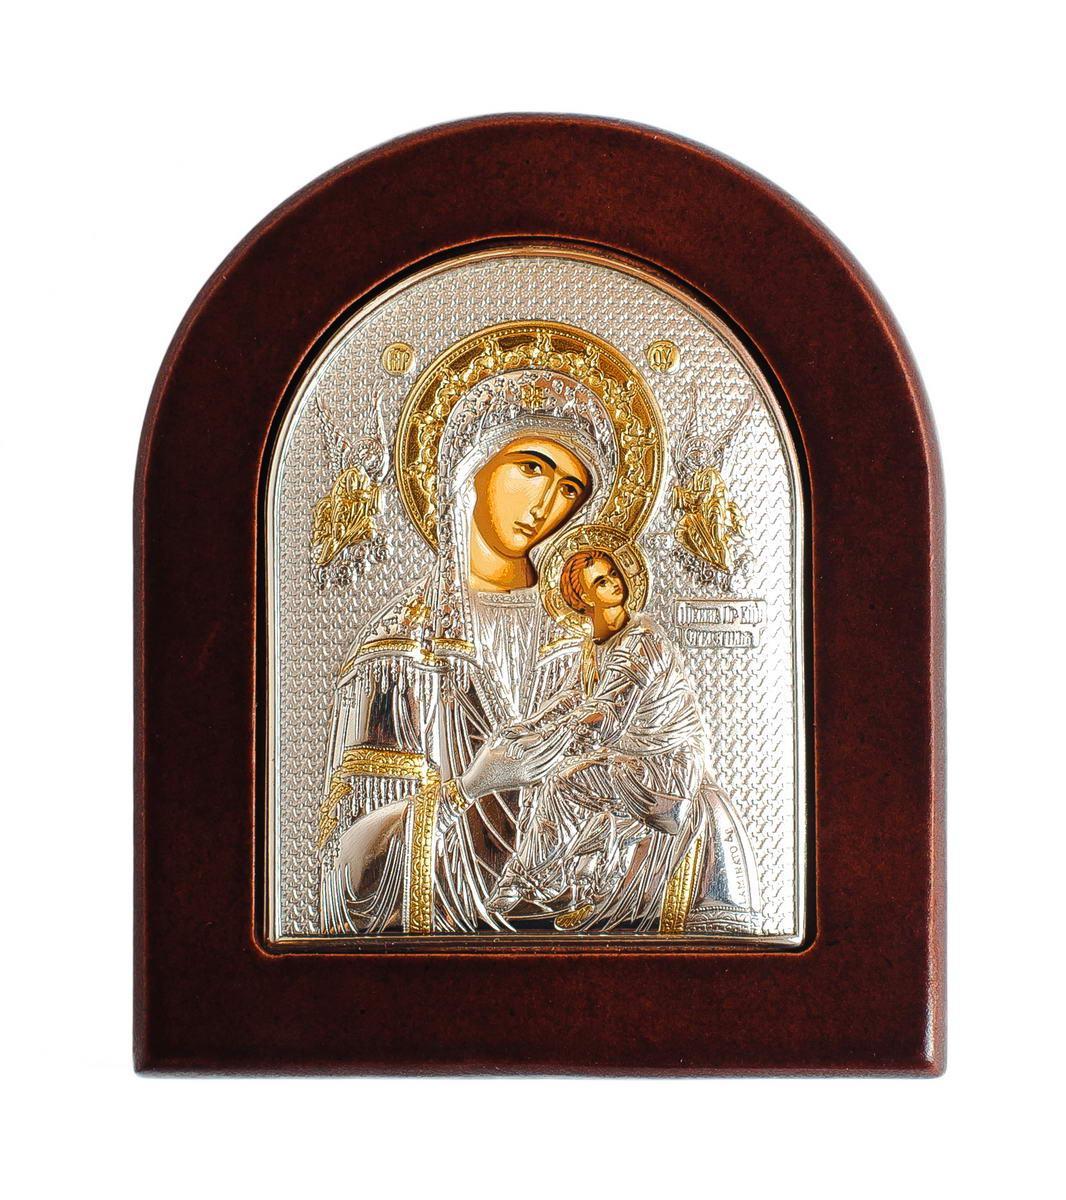 Страстная Божья Матерь 8,5х10см Греческая икона  в серебре и золоте (GOLD)